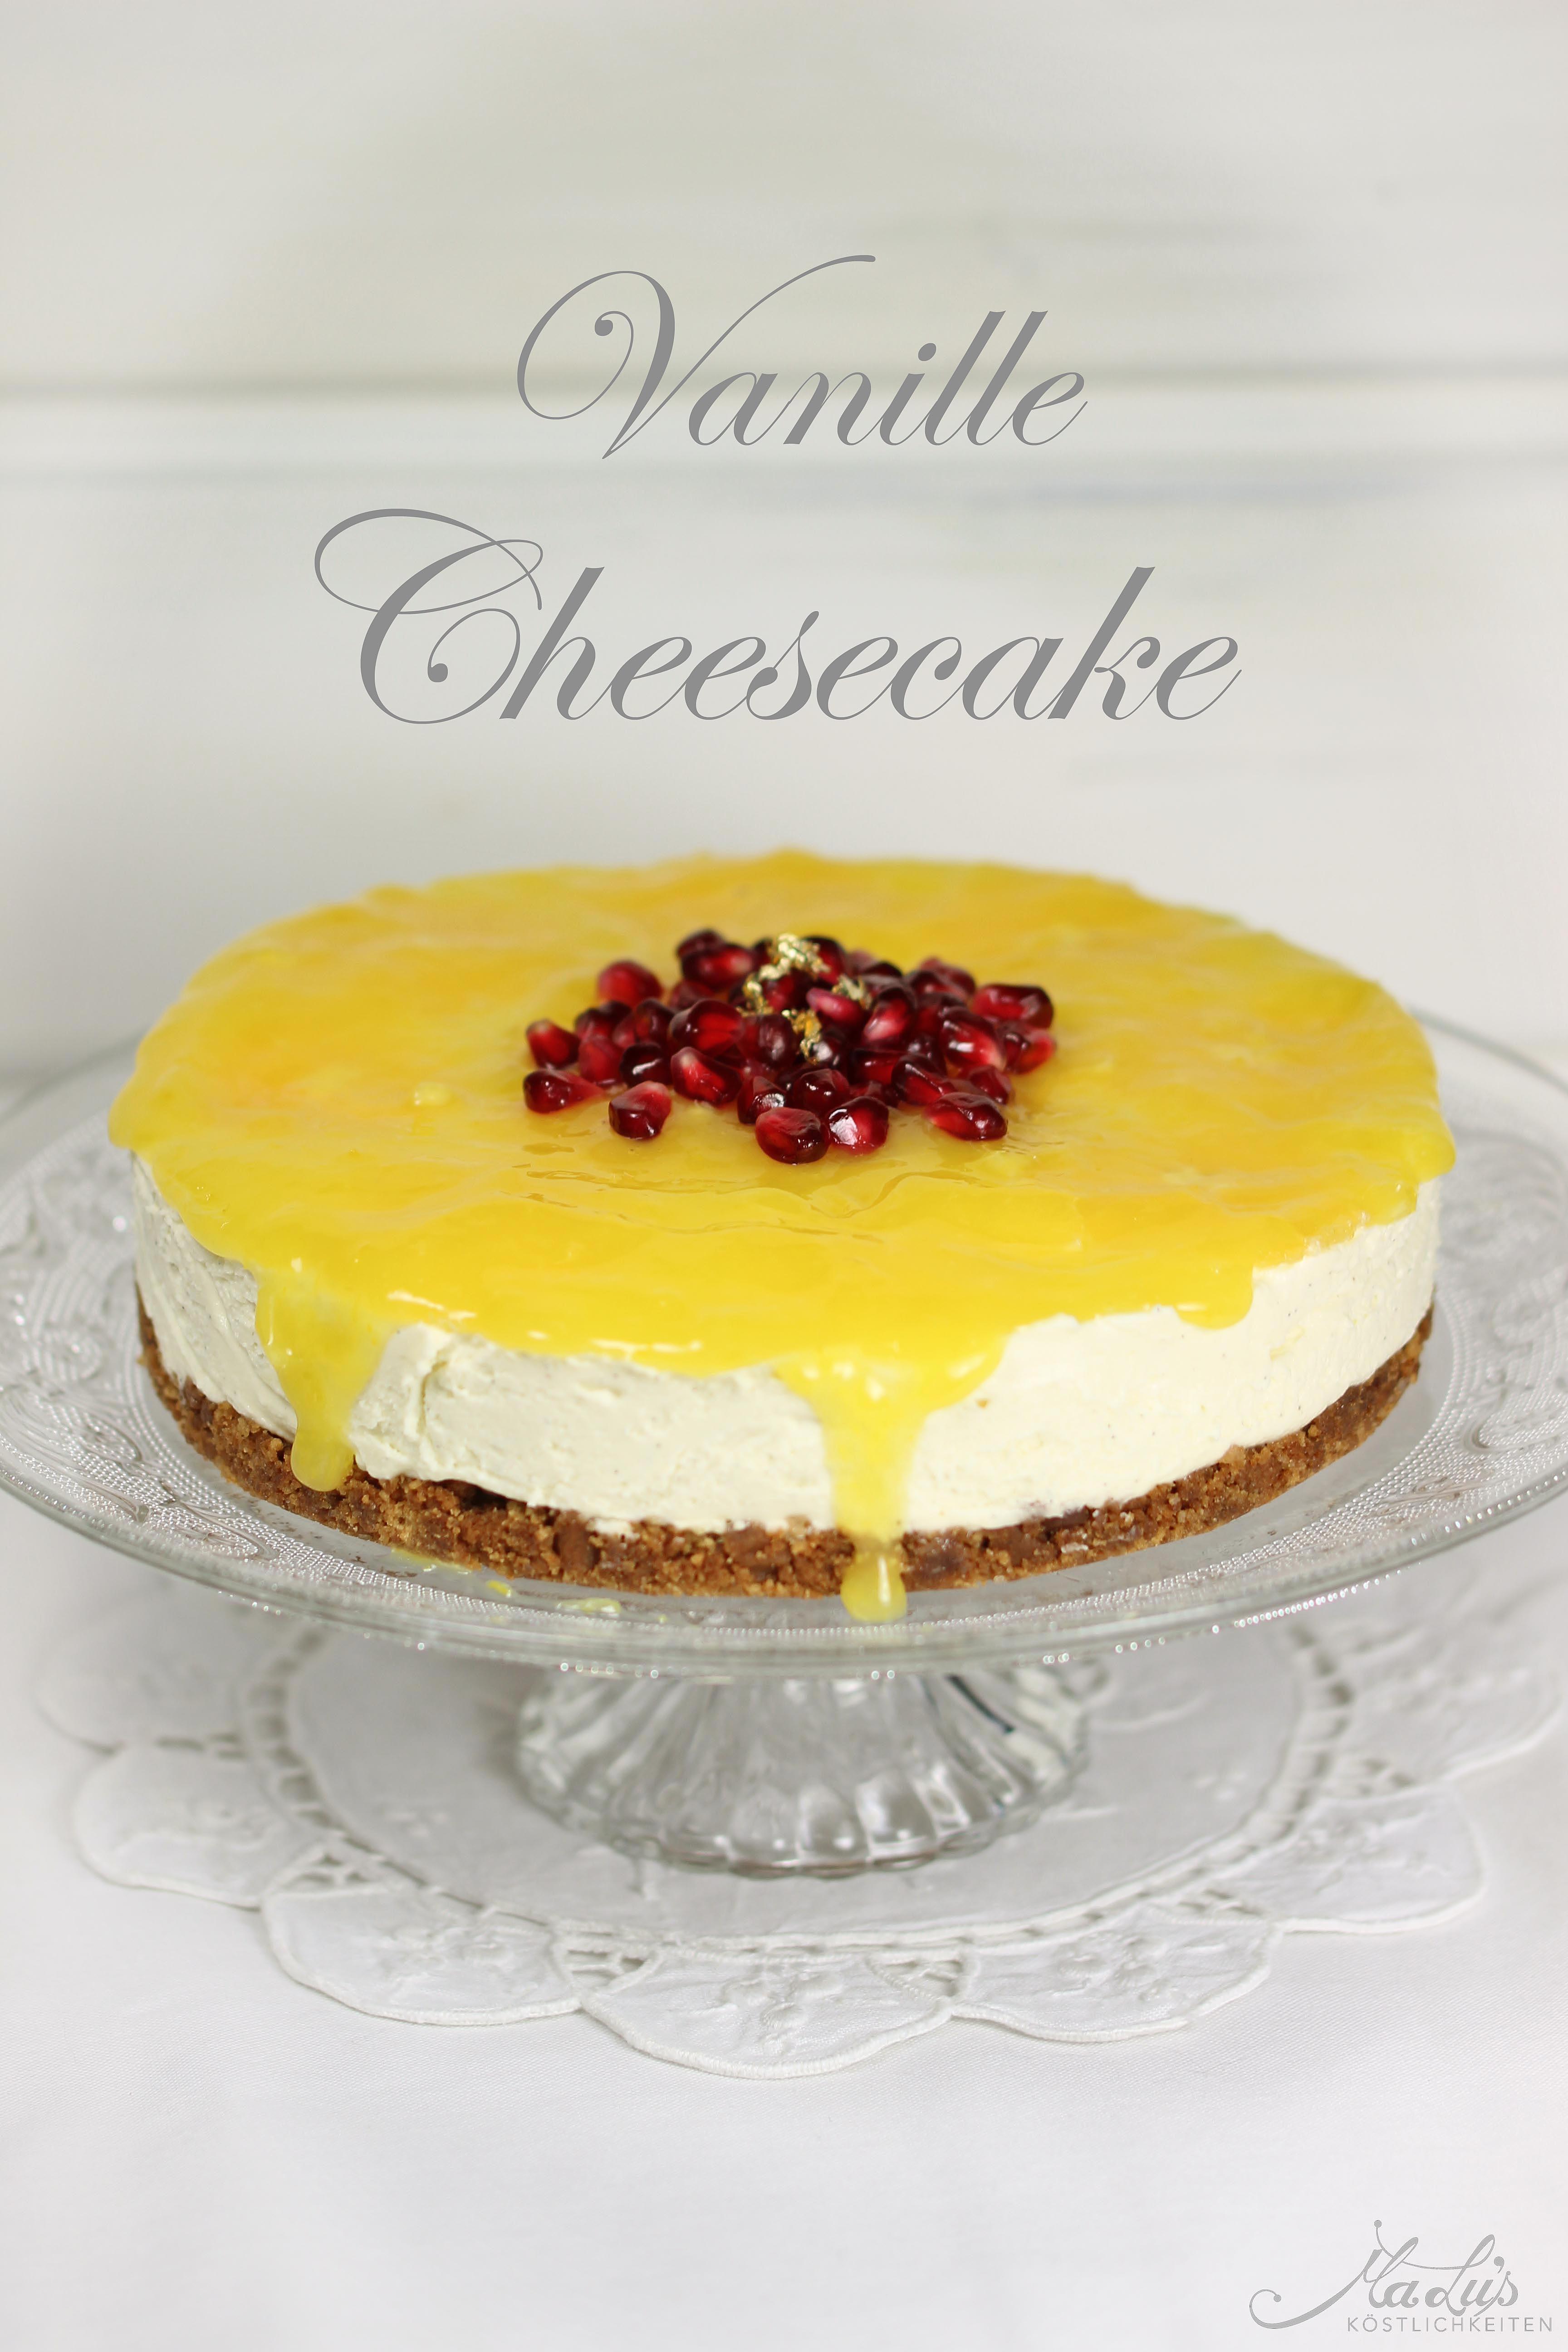 Vanille Cheesecake mit Orangen